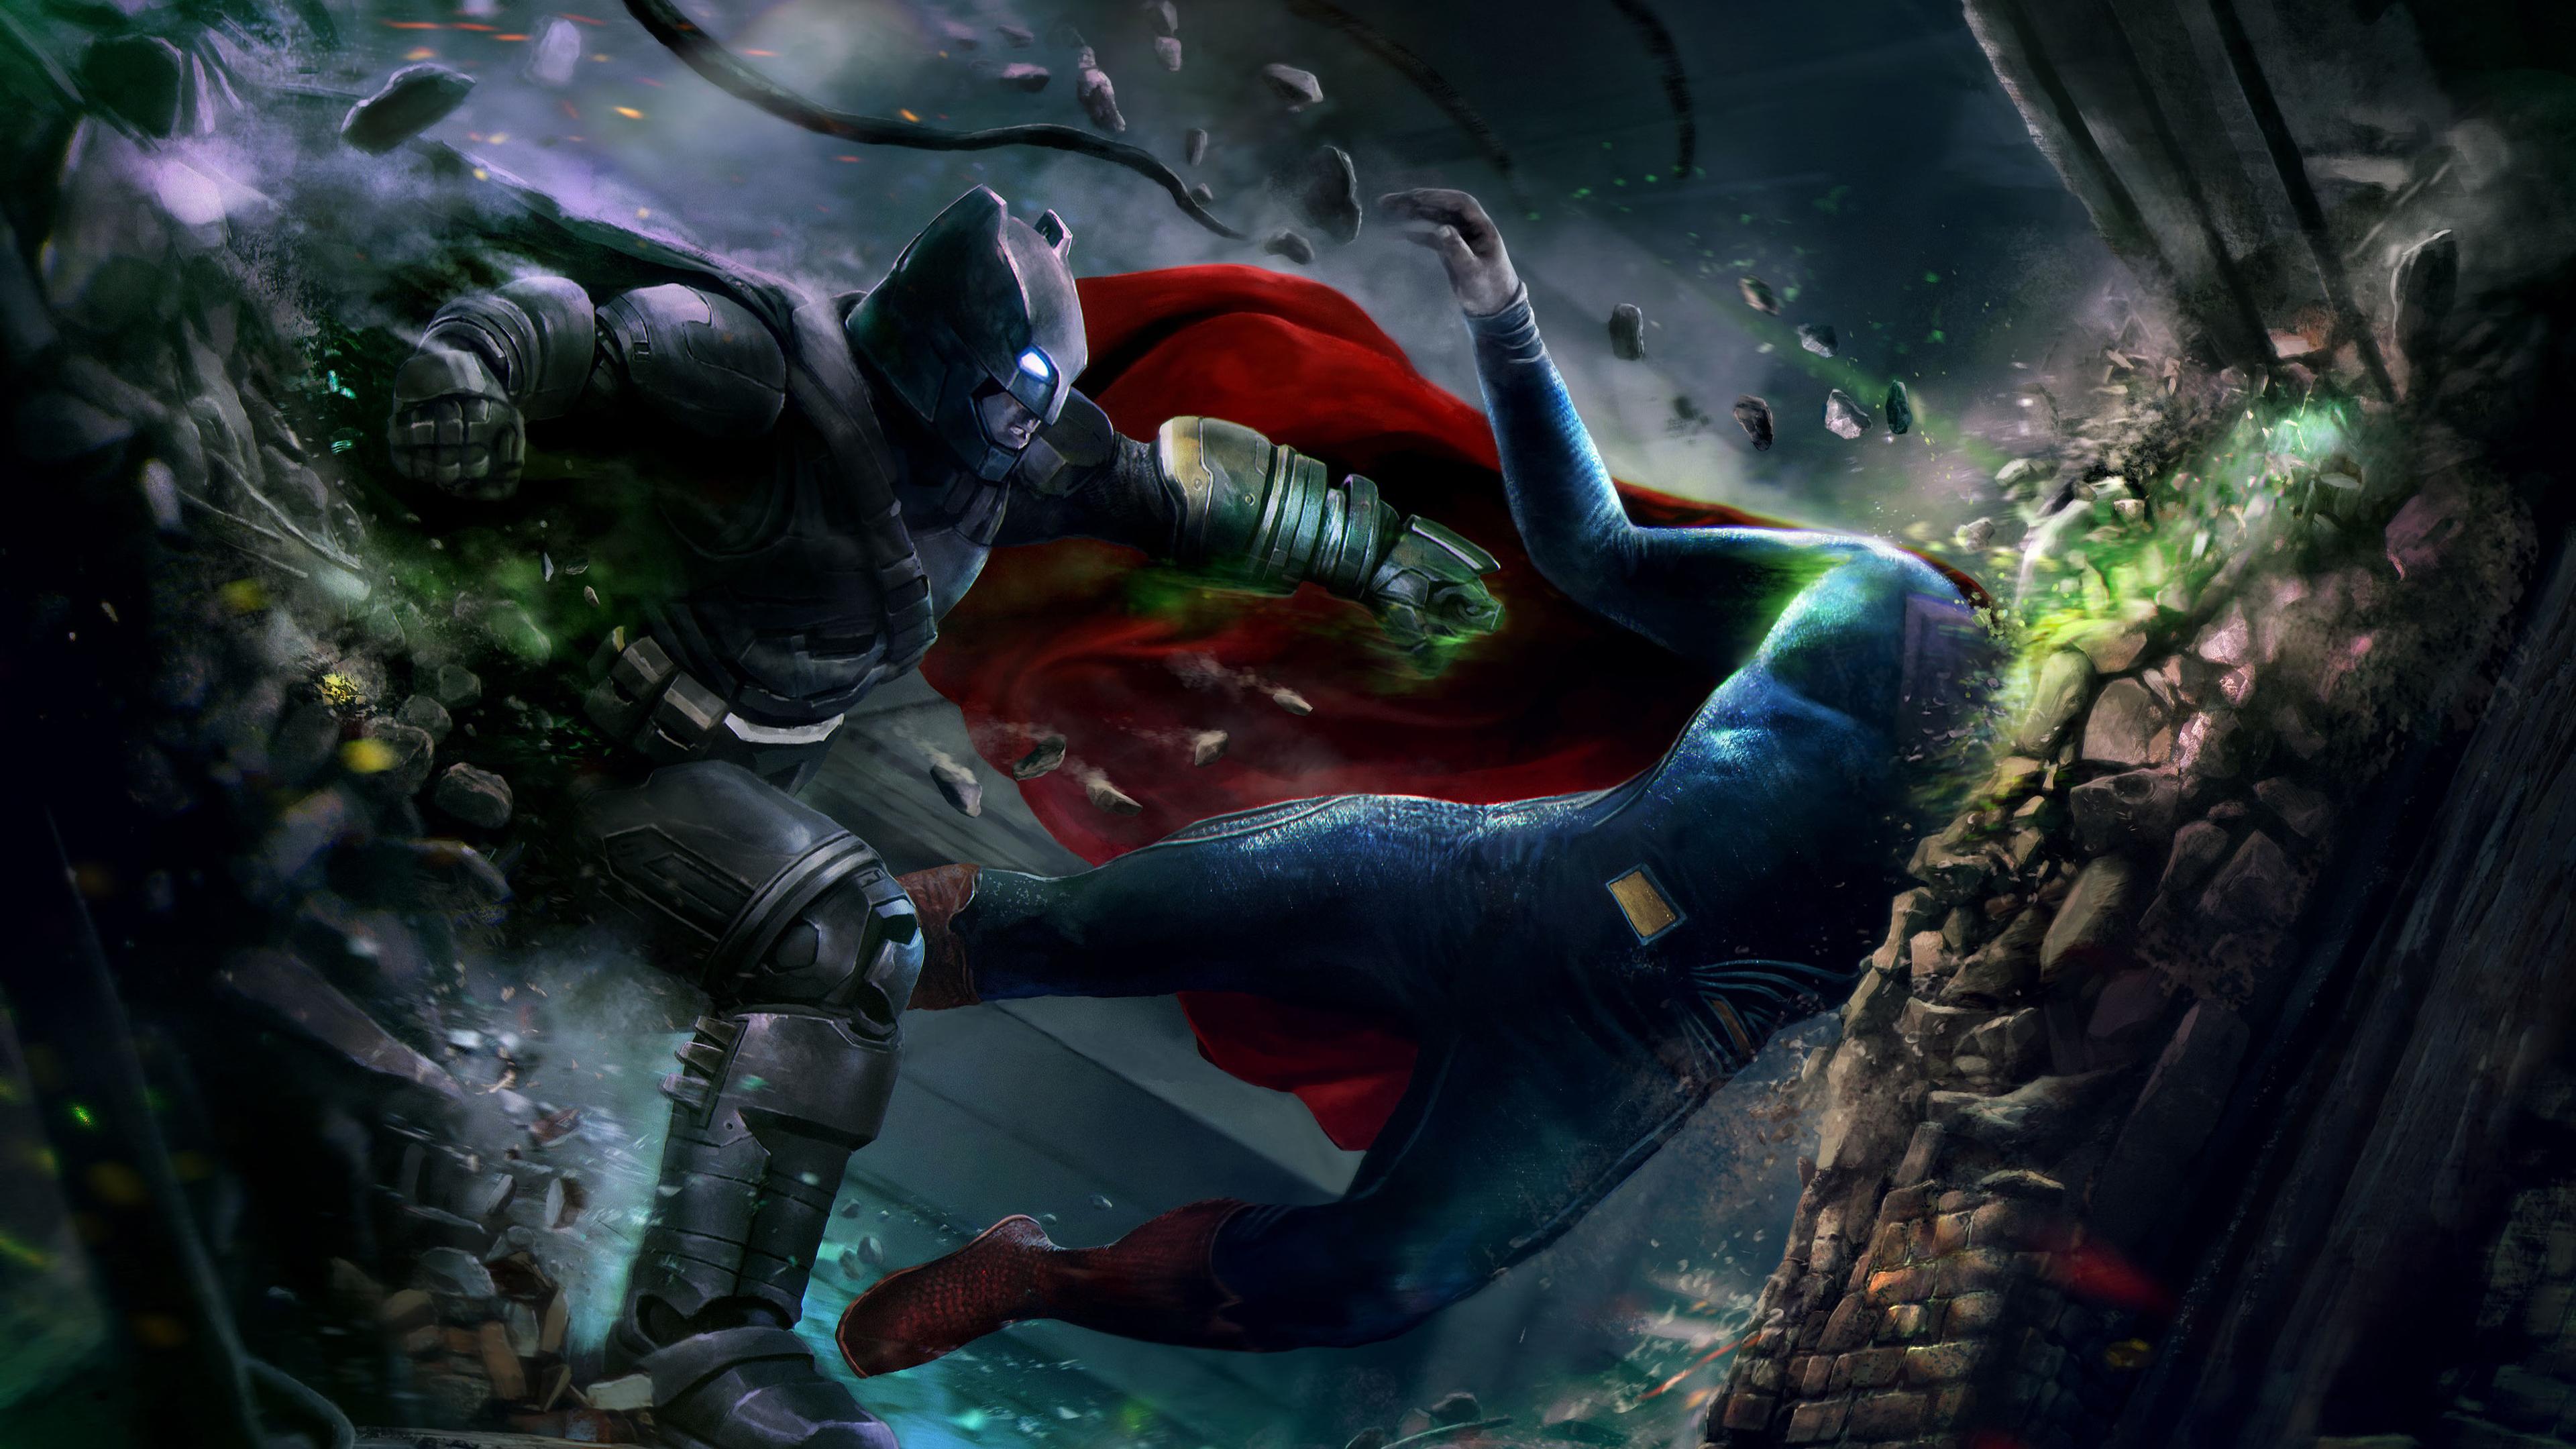 Batman V Superman 4k Wallpapers Hd Wallpapers